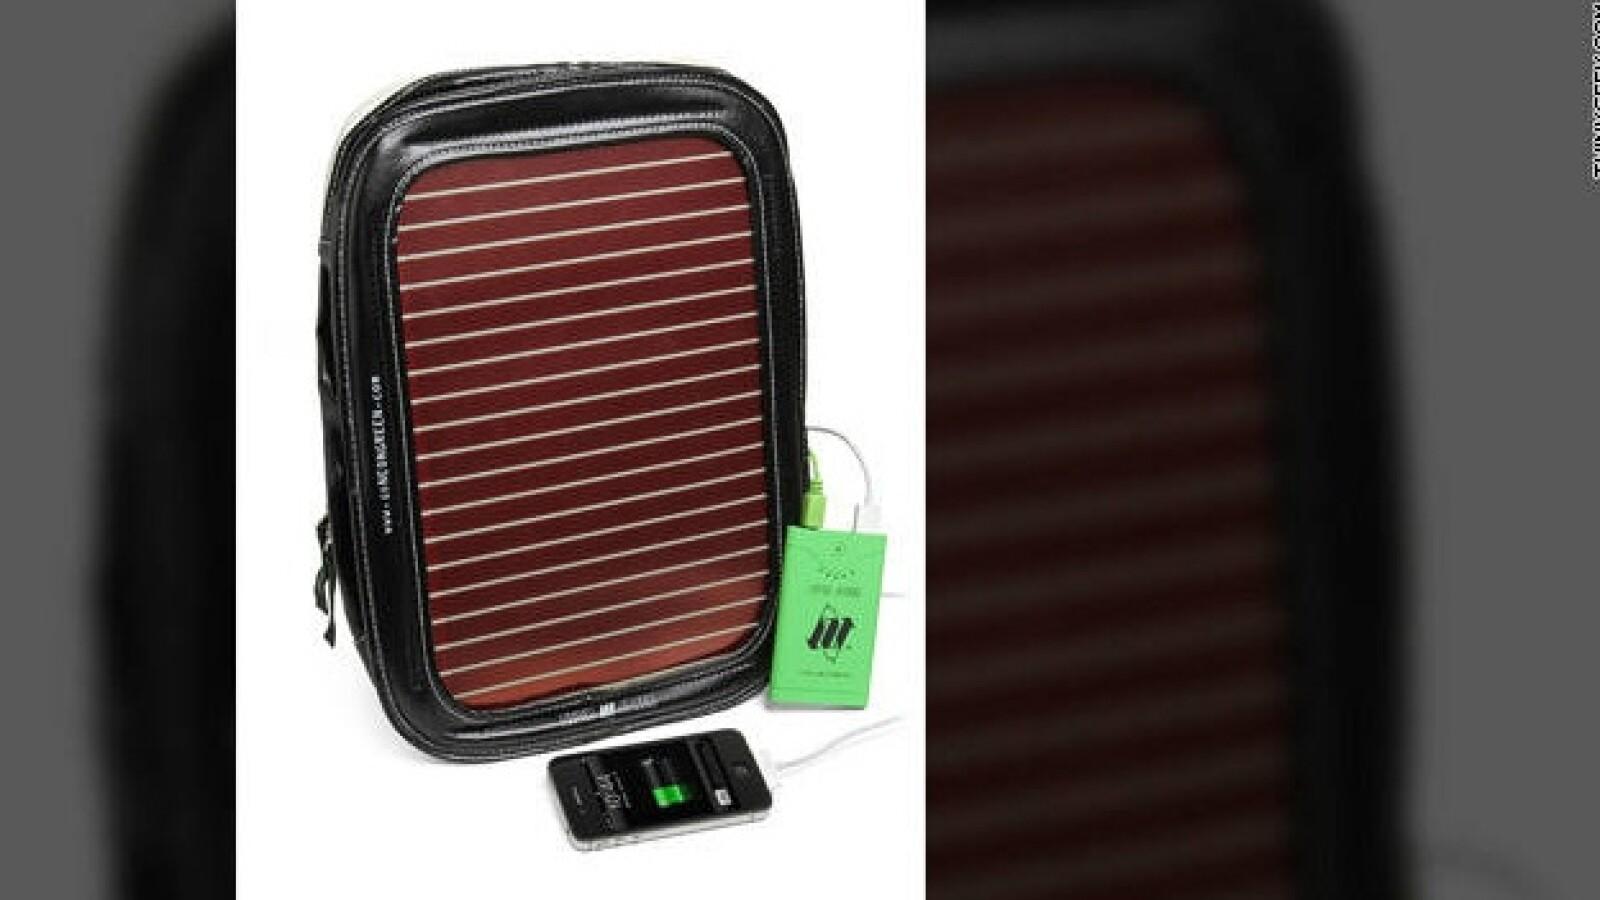 bolsa celdas solares para gadgets